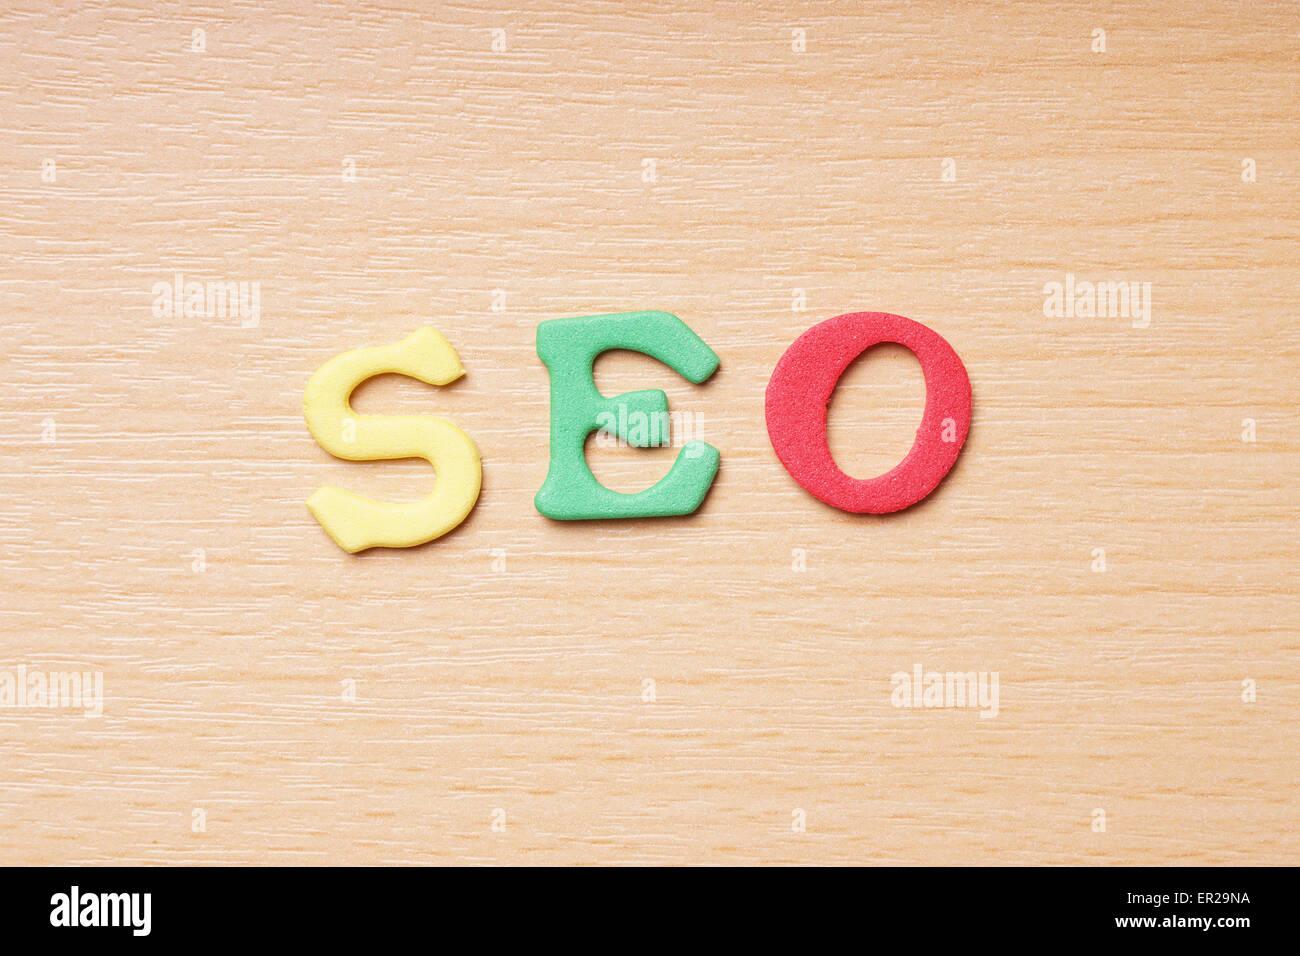 SEO in foam rubber letters - Stock Image